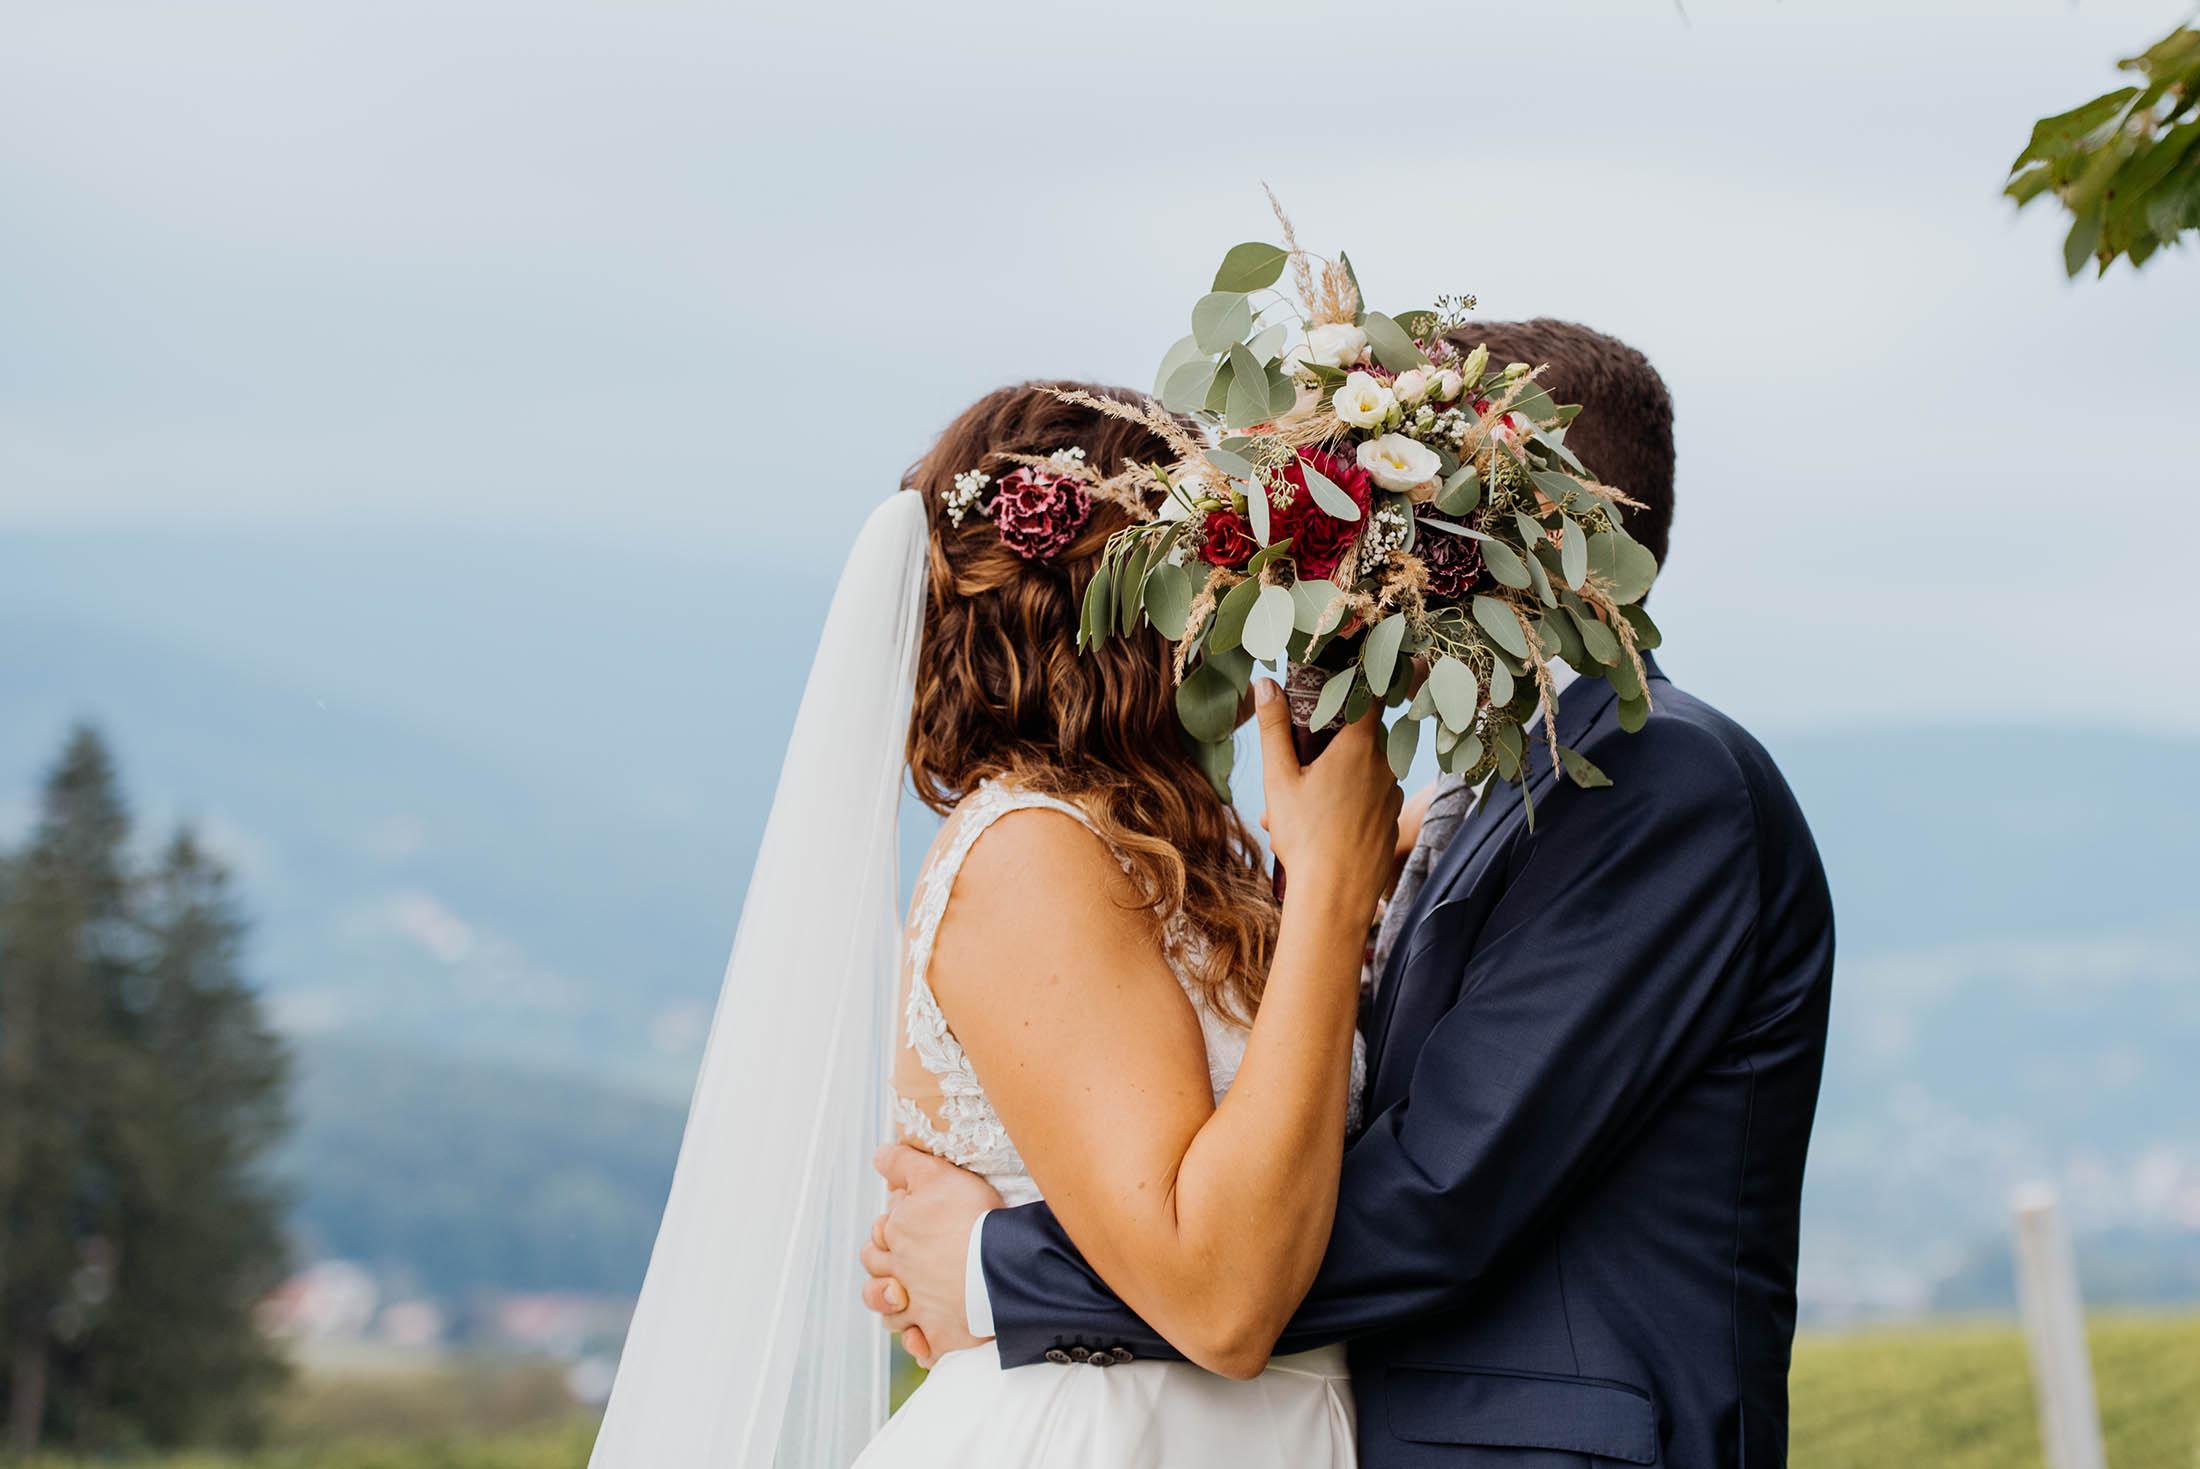 Hochzeitsfotografin Sarah Braun